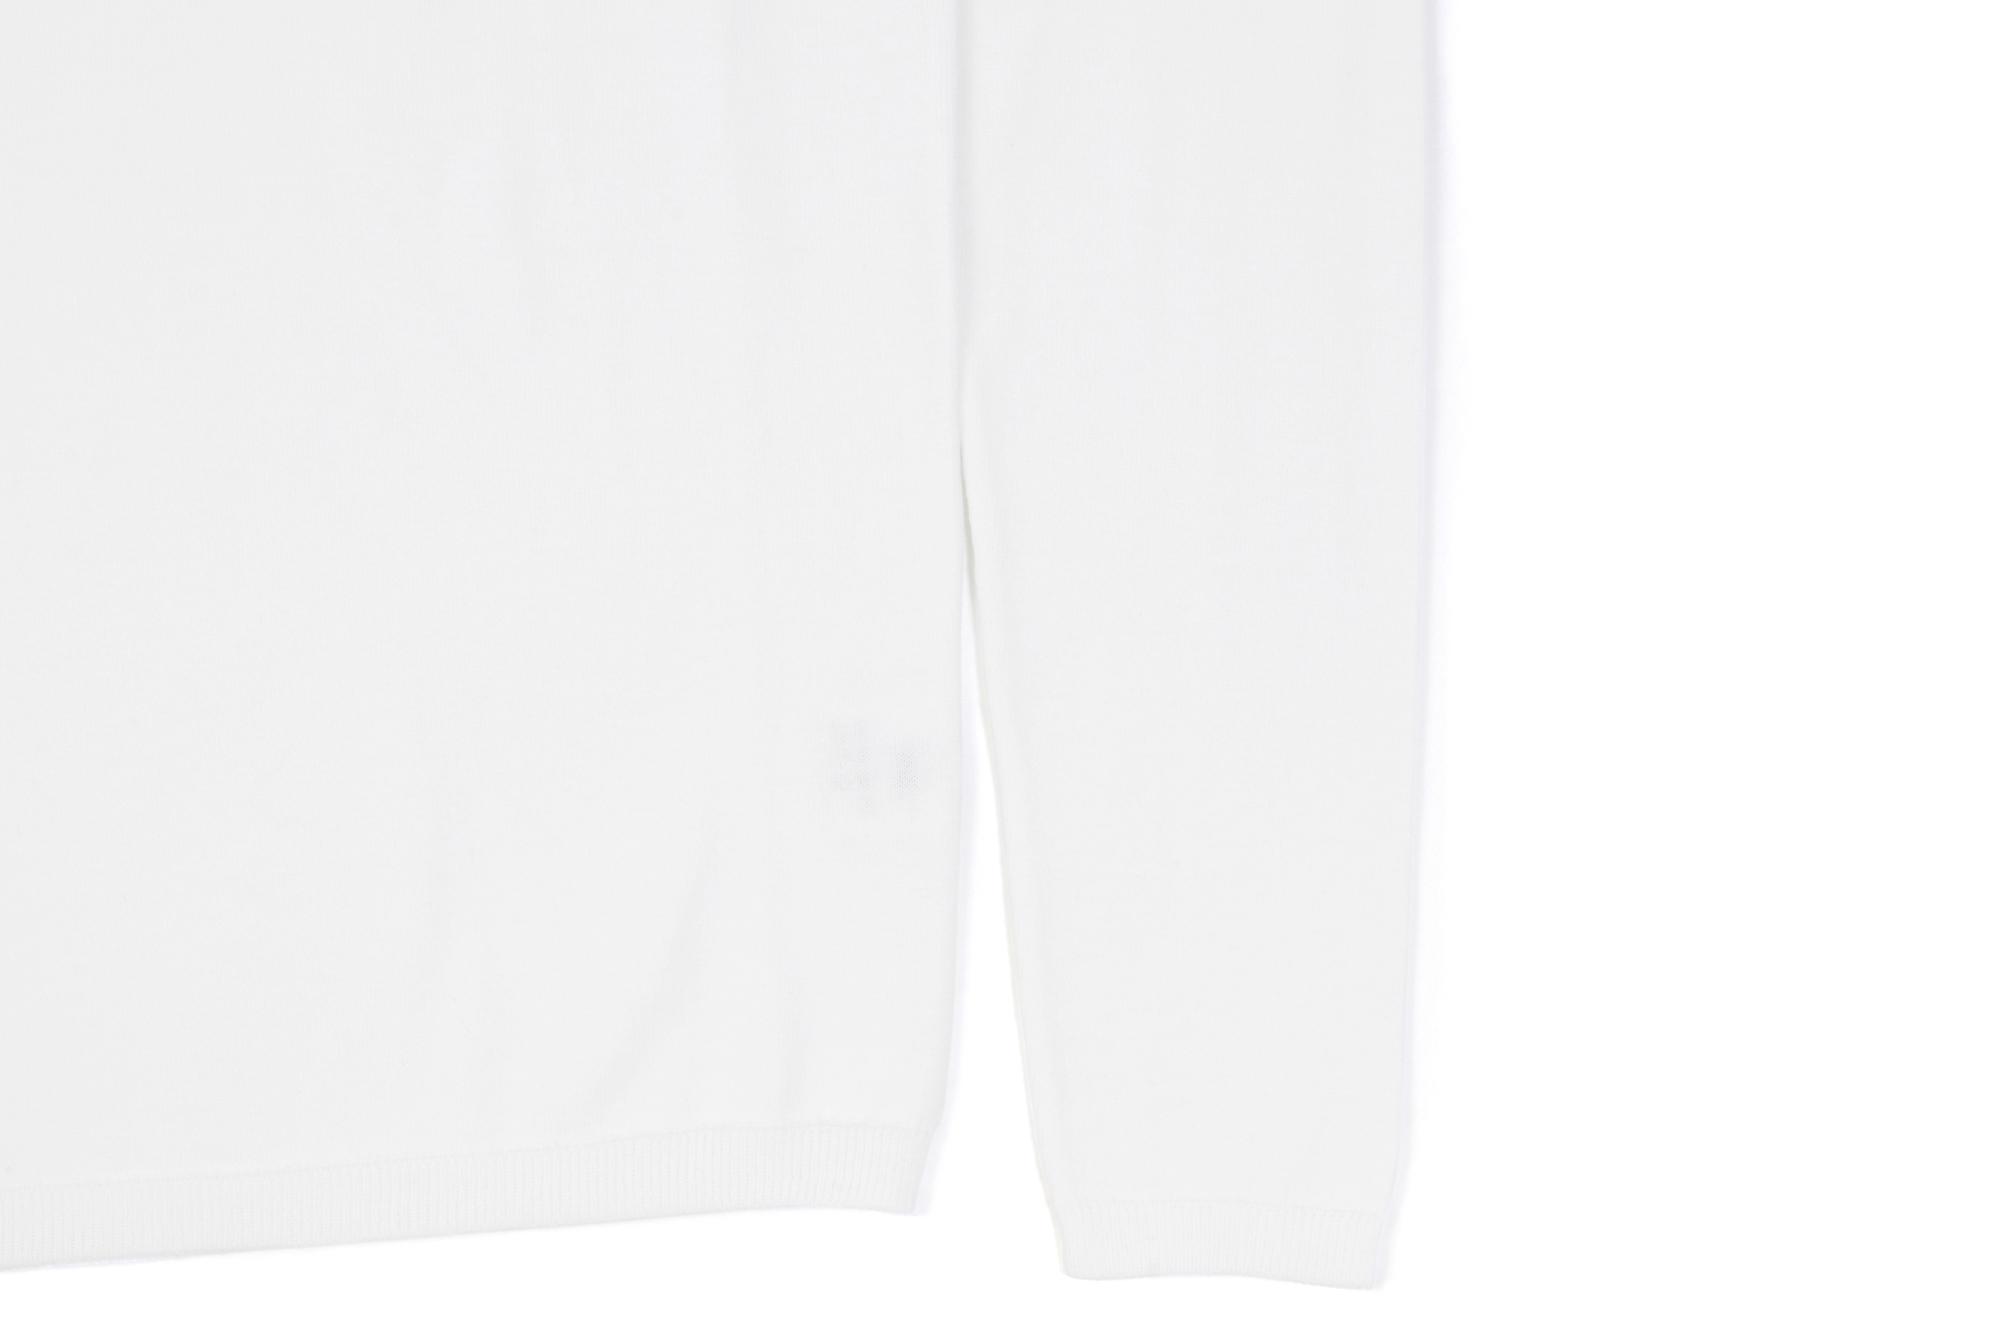 Cruciani (クルチアーニ) 27G Knit Crew Neck Sweater (27ゲージ クルーネック セーター) 27ゲージ ハイゲージ コットン ニット セーター WHITE (ホワイト・Z0001) made in italy (イタリア製) 2021 春夏新作 【入荷しました】【フリー分発売開始】愛知 名古屋 Alto e Diritto altoediritto アルトエデリット ロングスリーブ 長袖ニット